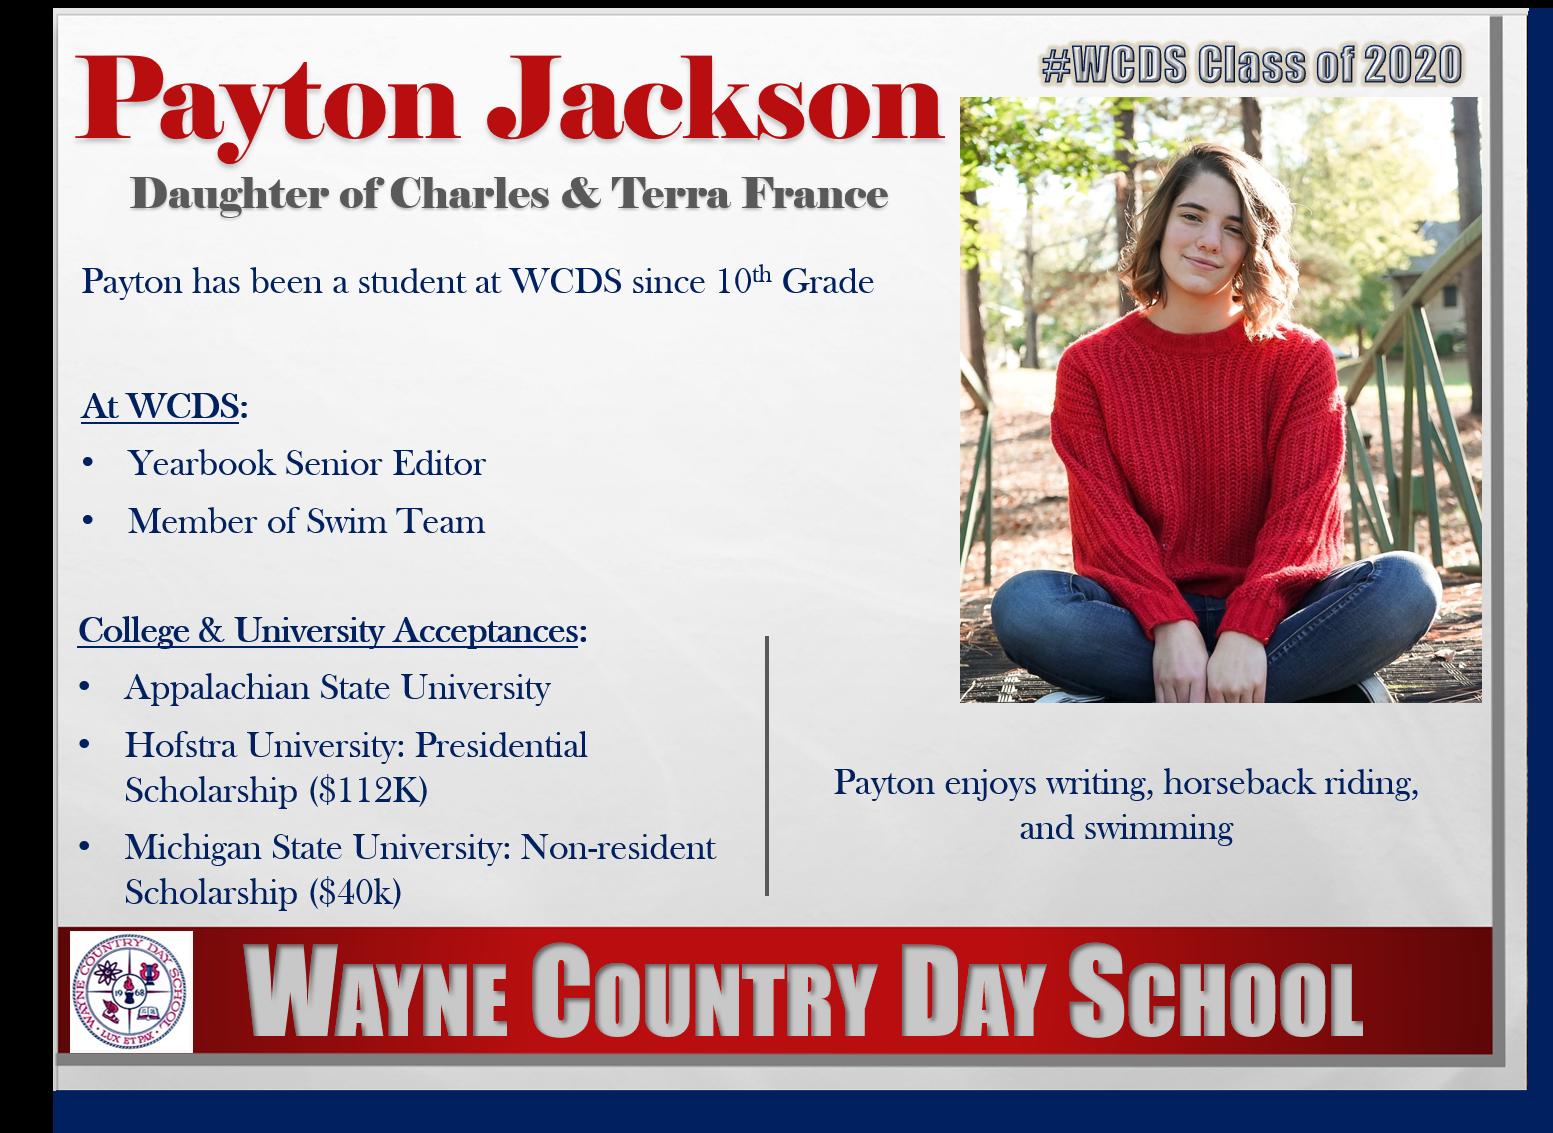 Payton Jackson